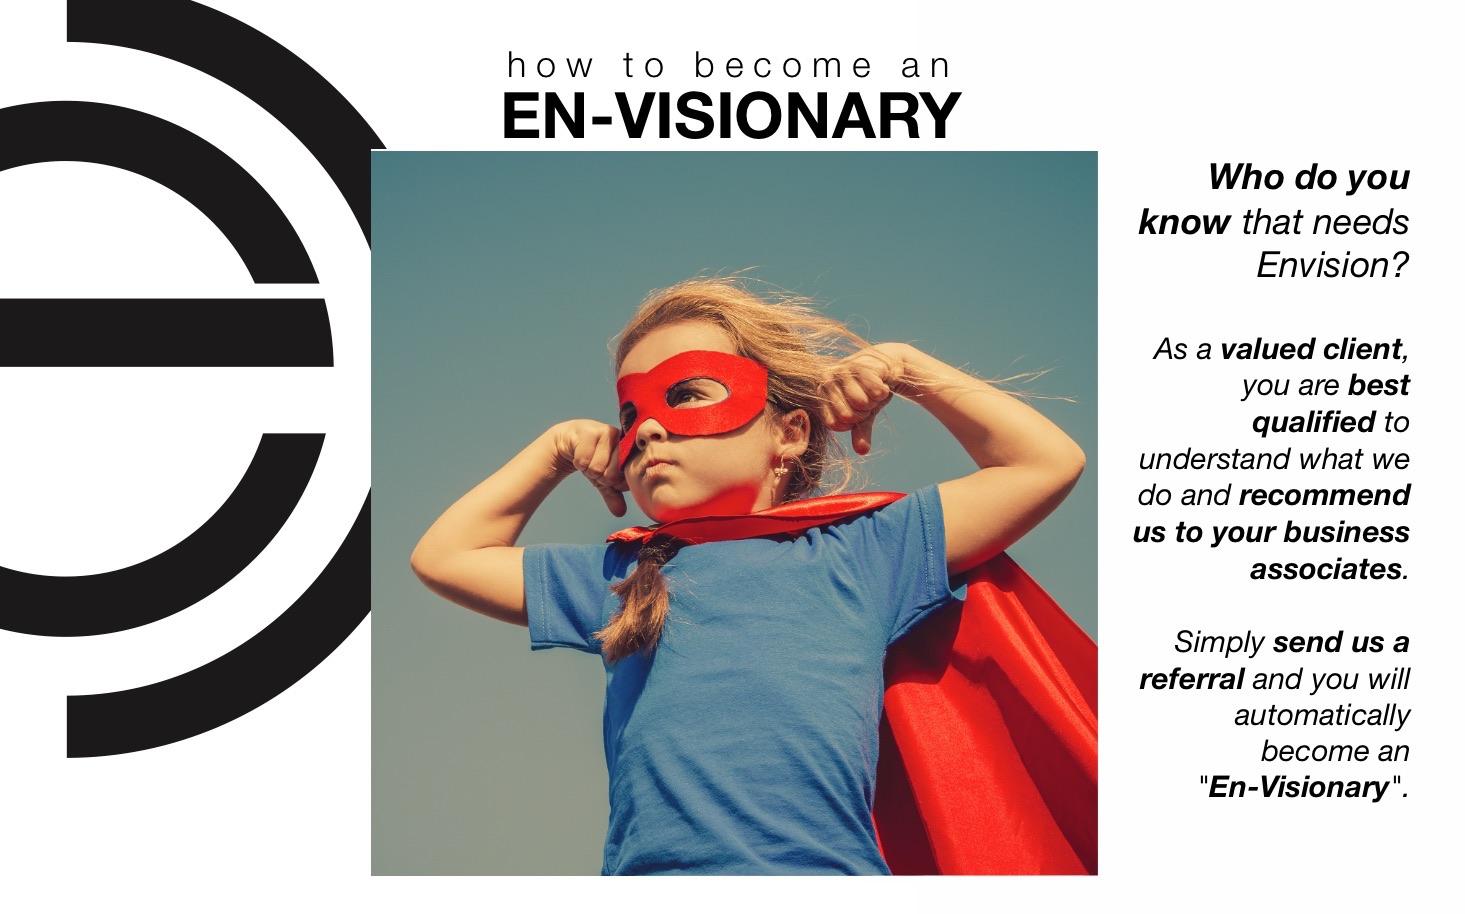 envisionary front 02 slide.jpg